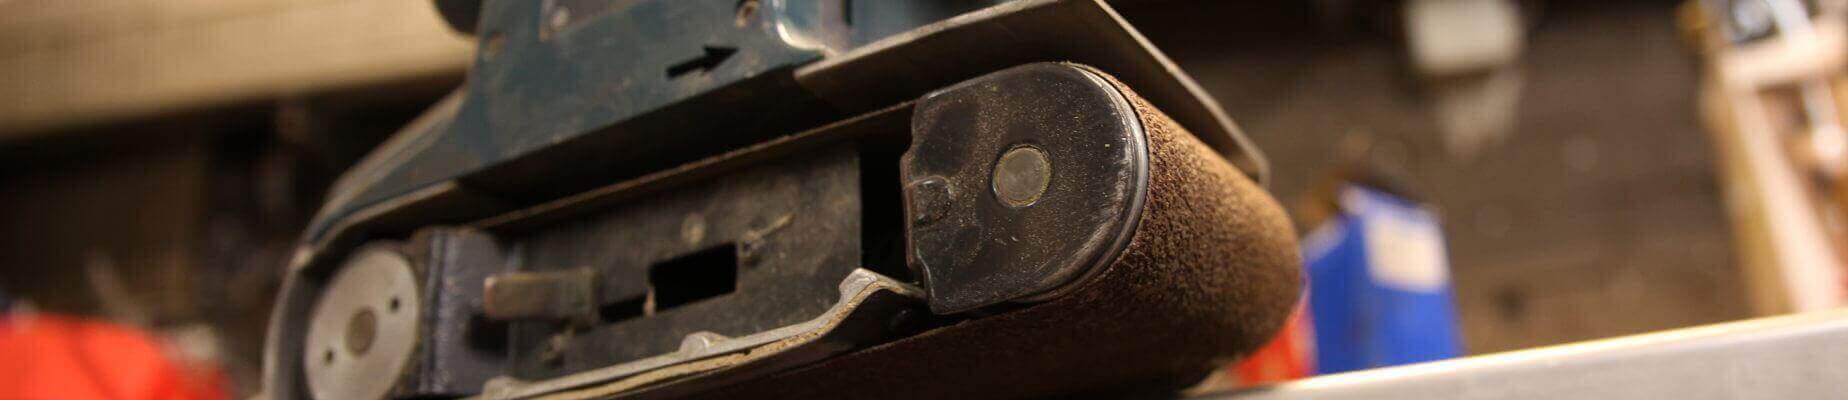 Ein Bandschleifer von ganz nah. Das Foto wird von unten geschossen, sodass man unter das Schleifband sehen kann. Dies kann nur zustande kommen, da die Schleifmaschine auf einem Absatz steht. Der Bandschleifer ist in einem blauen Farbton gehalten und scheint von der Firma AEG zu sein.